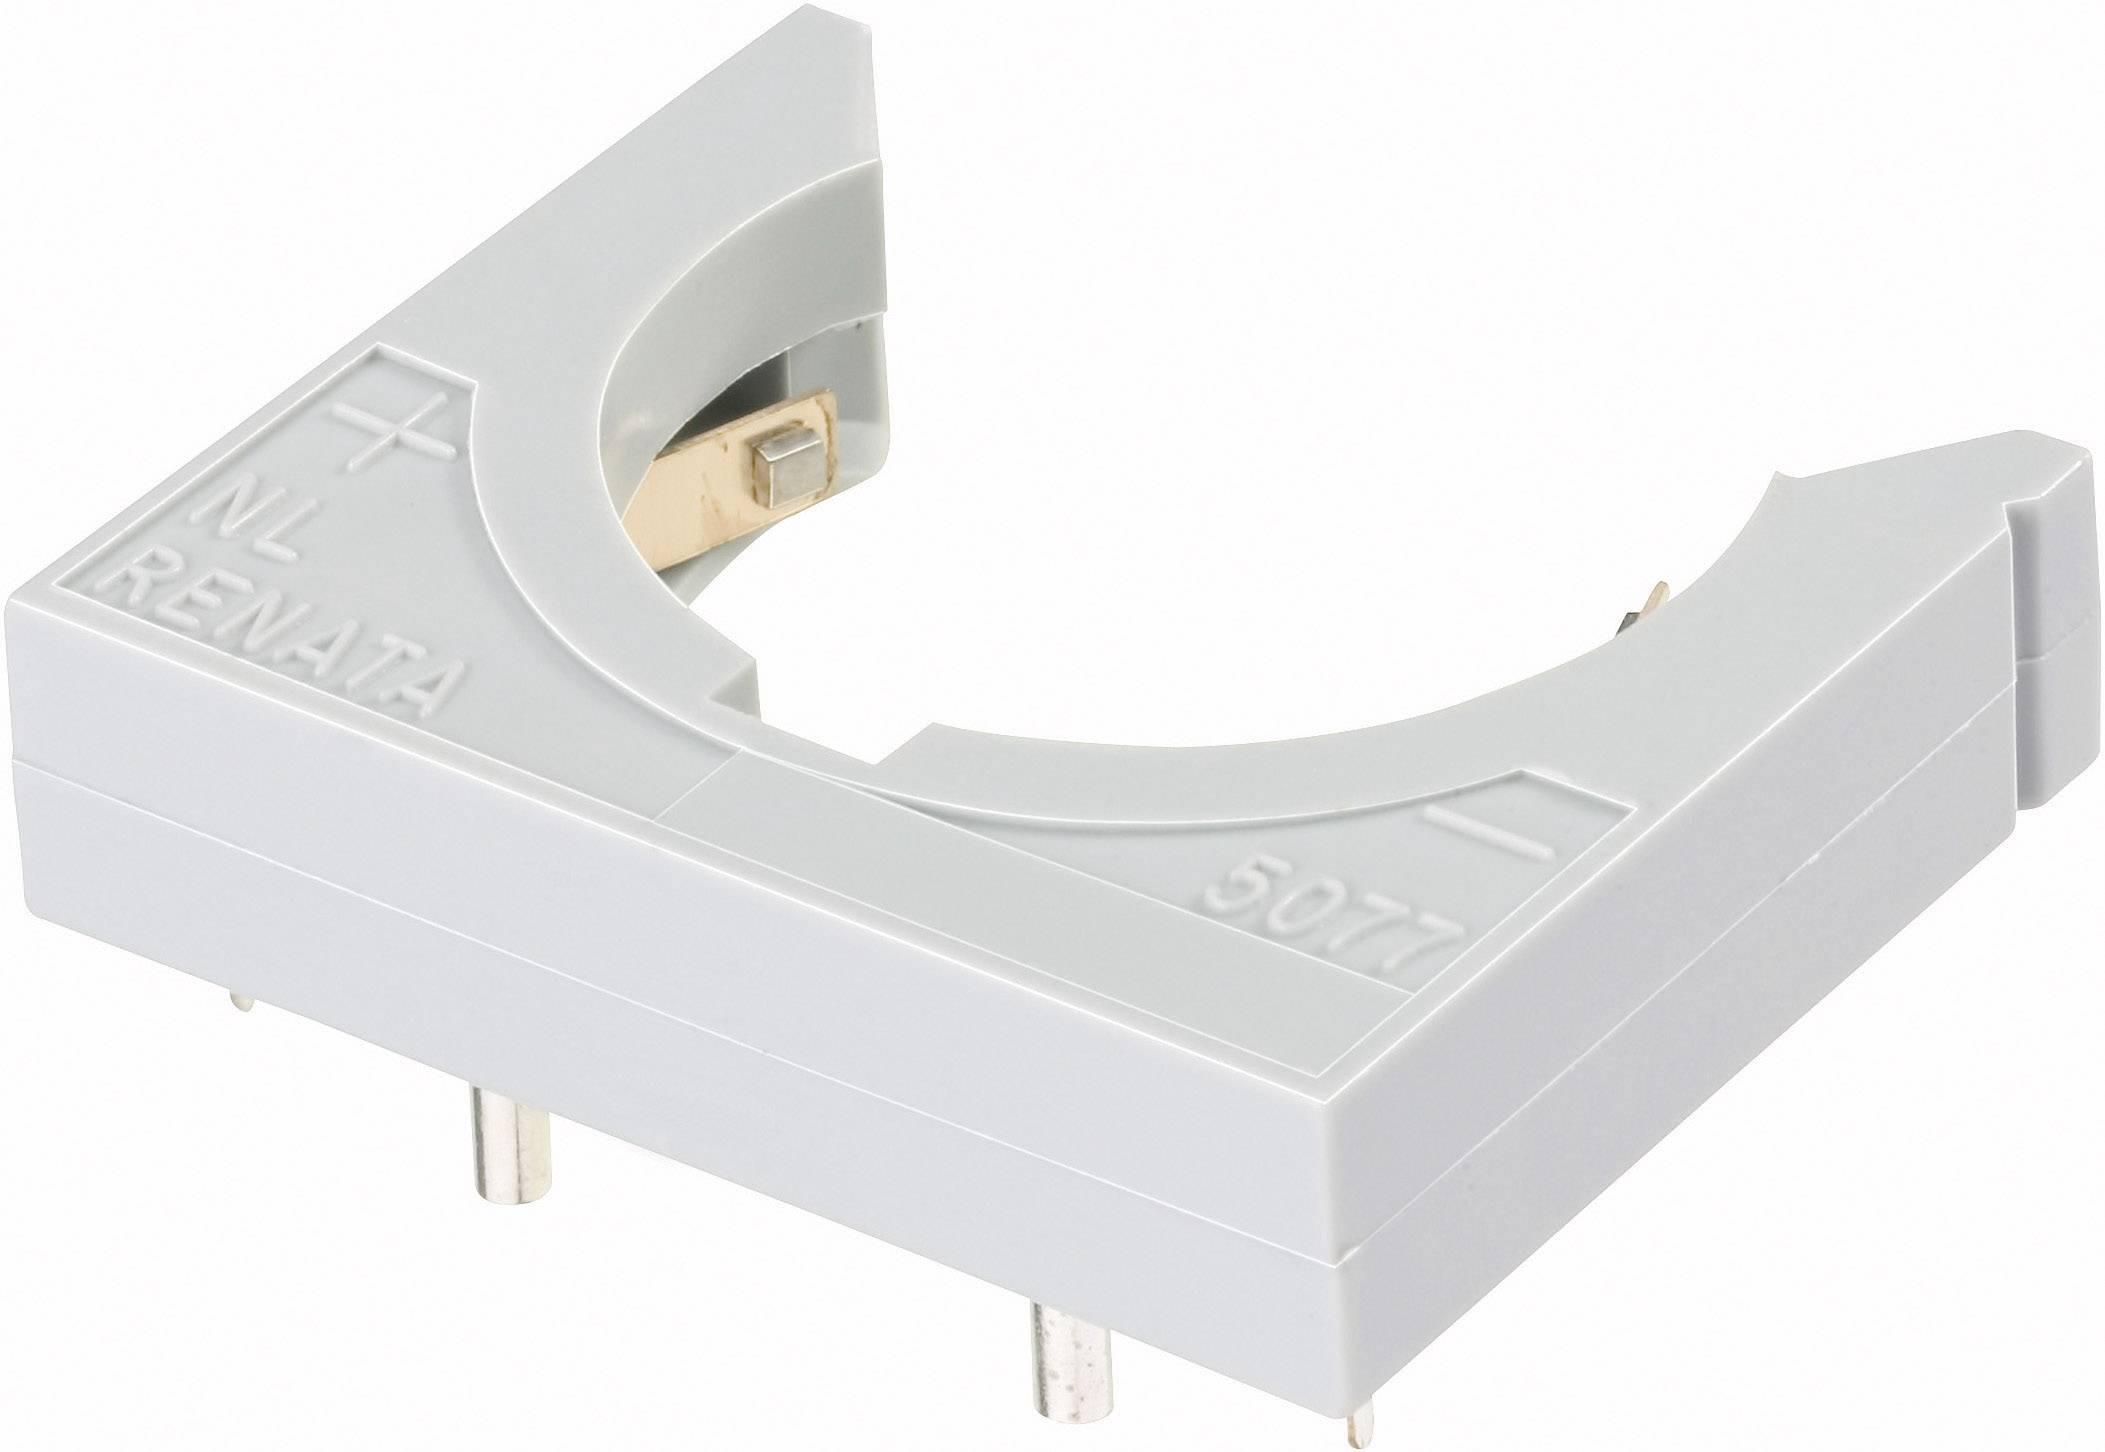 Držák na knoflíkovou baterii CR2450N/CR2477N Renata NL5077-LF, s pájecími kontakty